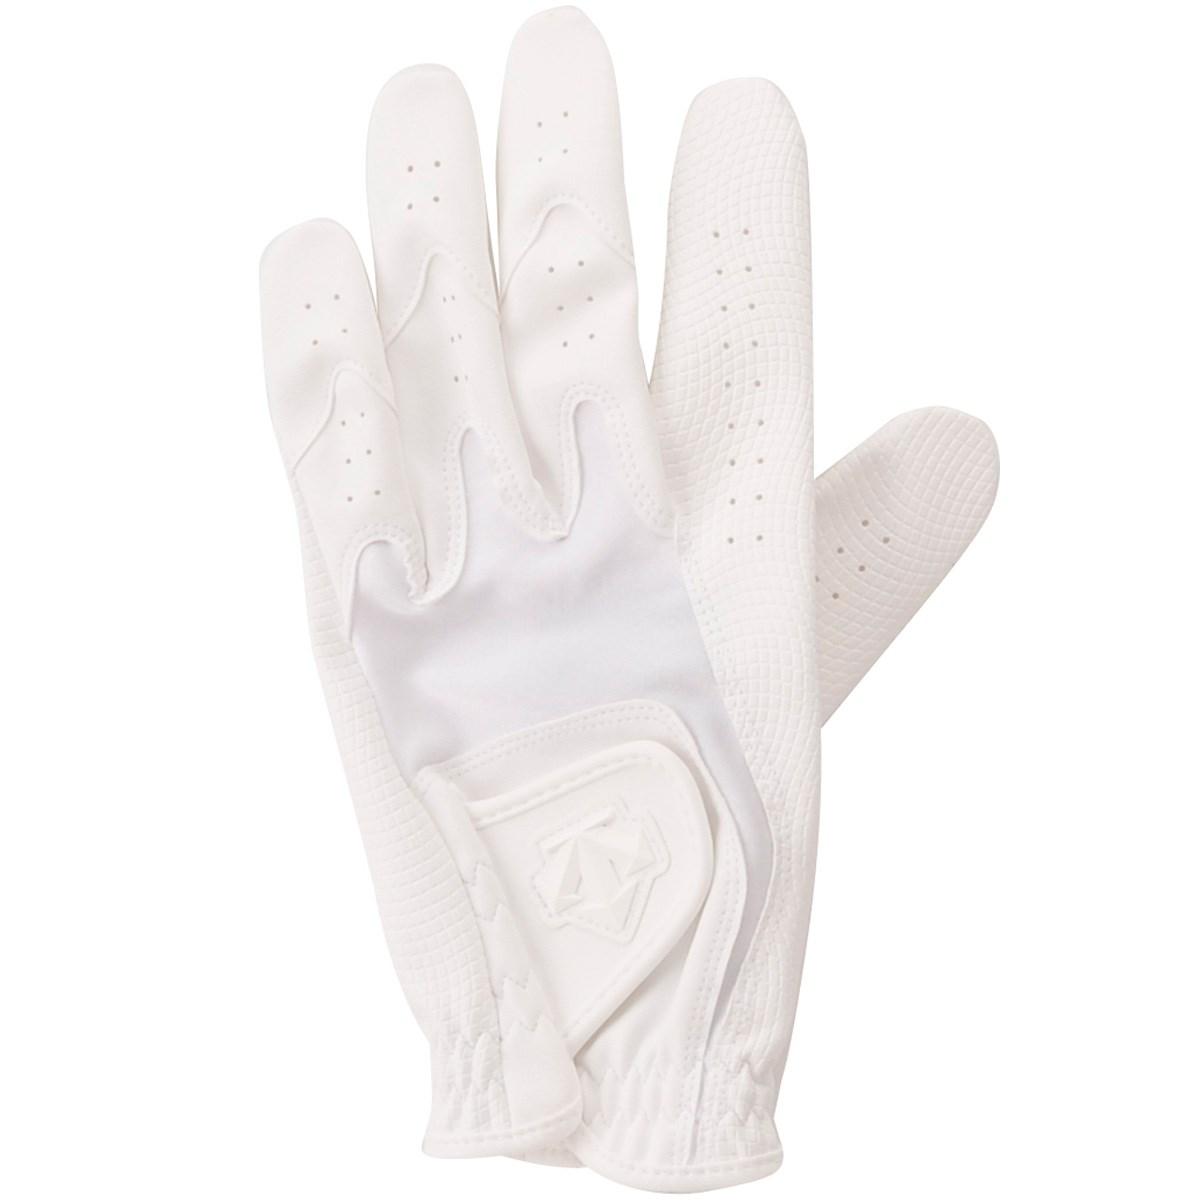 デサントゴルフ DESCENTE GOLF ゴルフグローブ M 左手着用(右利き用) ホワイト